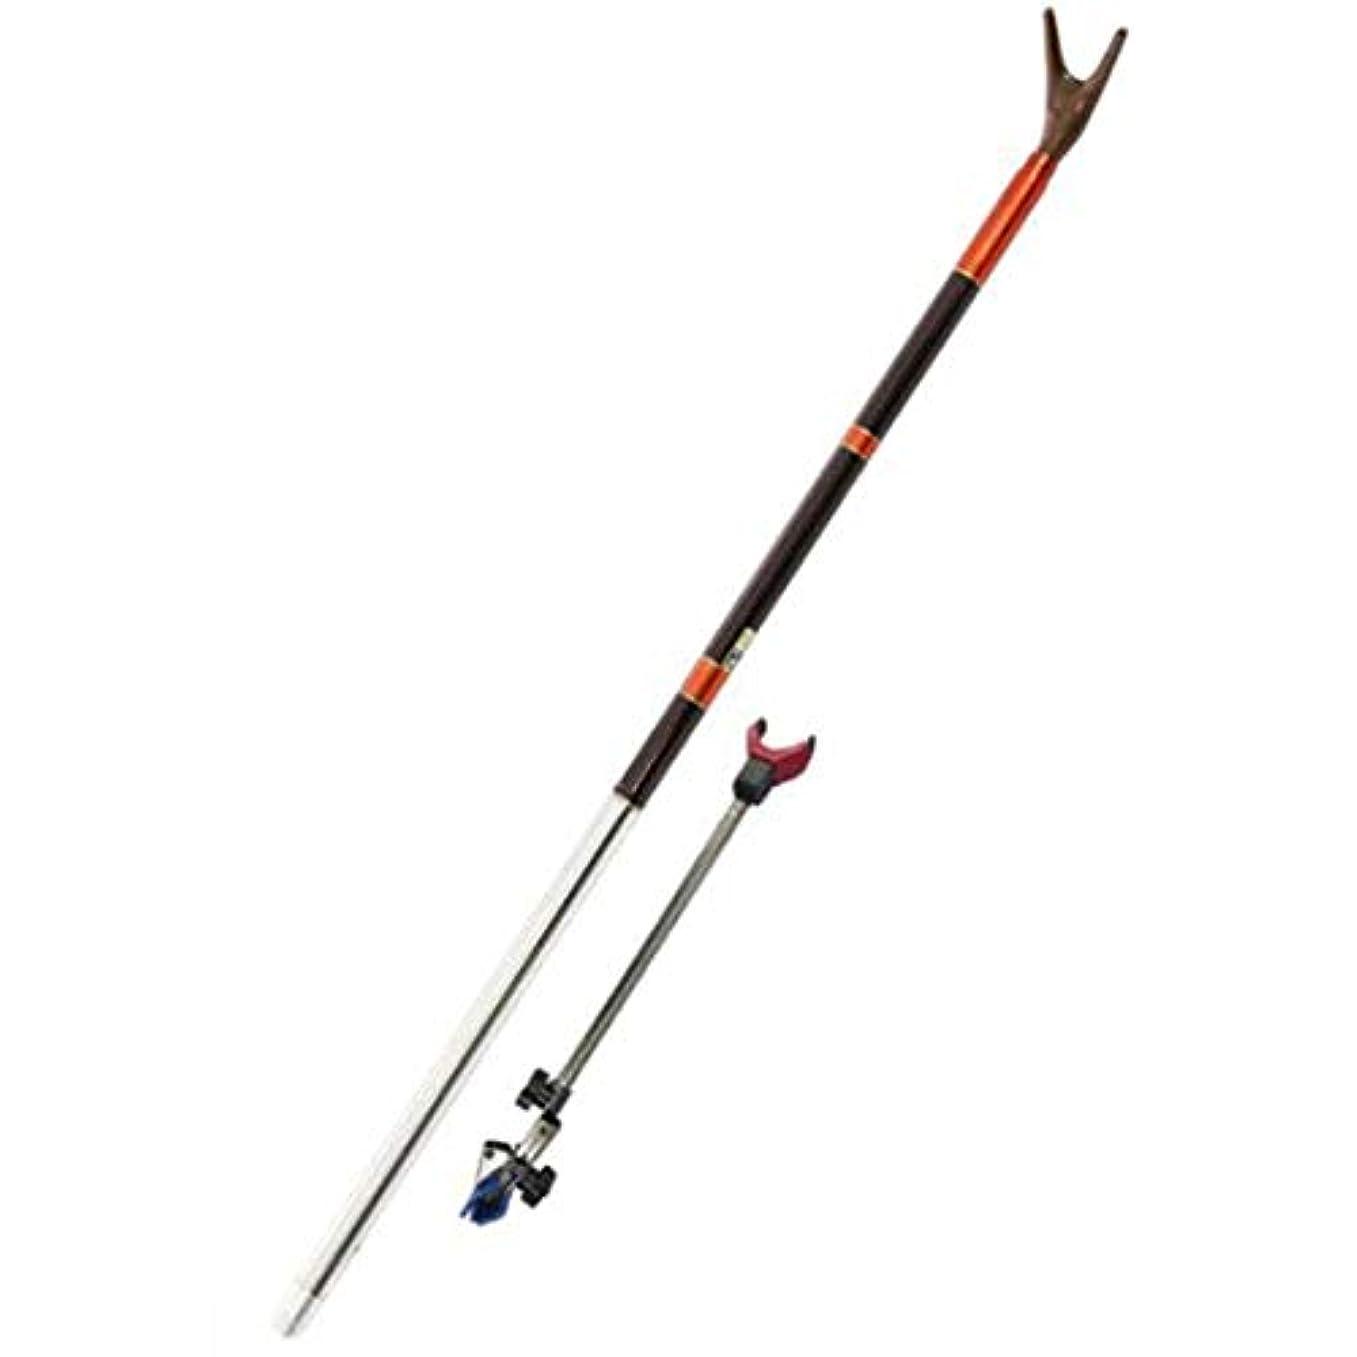 数メルボルンパンチ人民の東の道 釣りスタンド釣り装置池のウォーターフロントのための引き込み式のテーブルカーボン釣り竿サポートの短い3つのセクション。 (サイズ : 270cm)